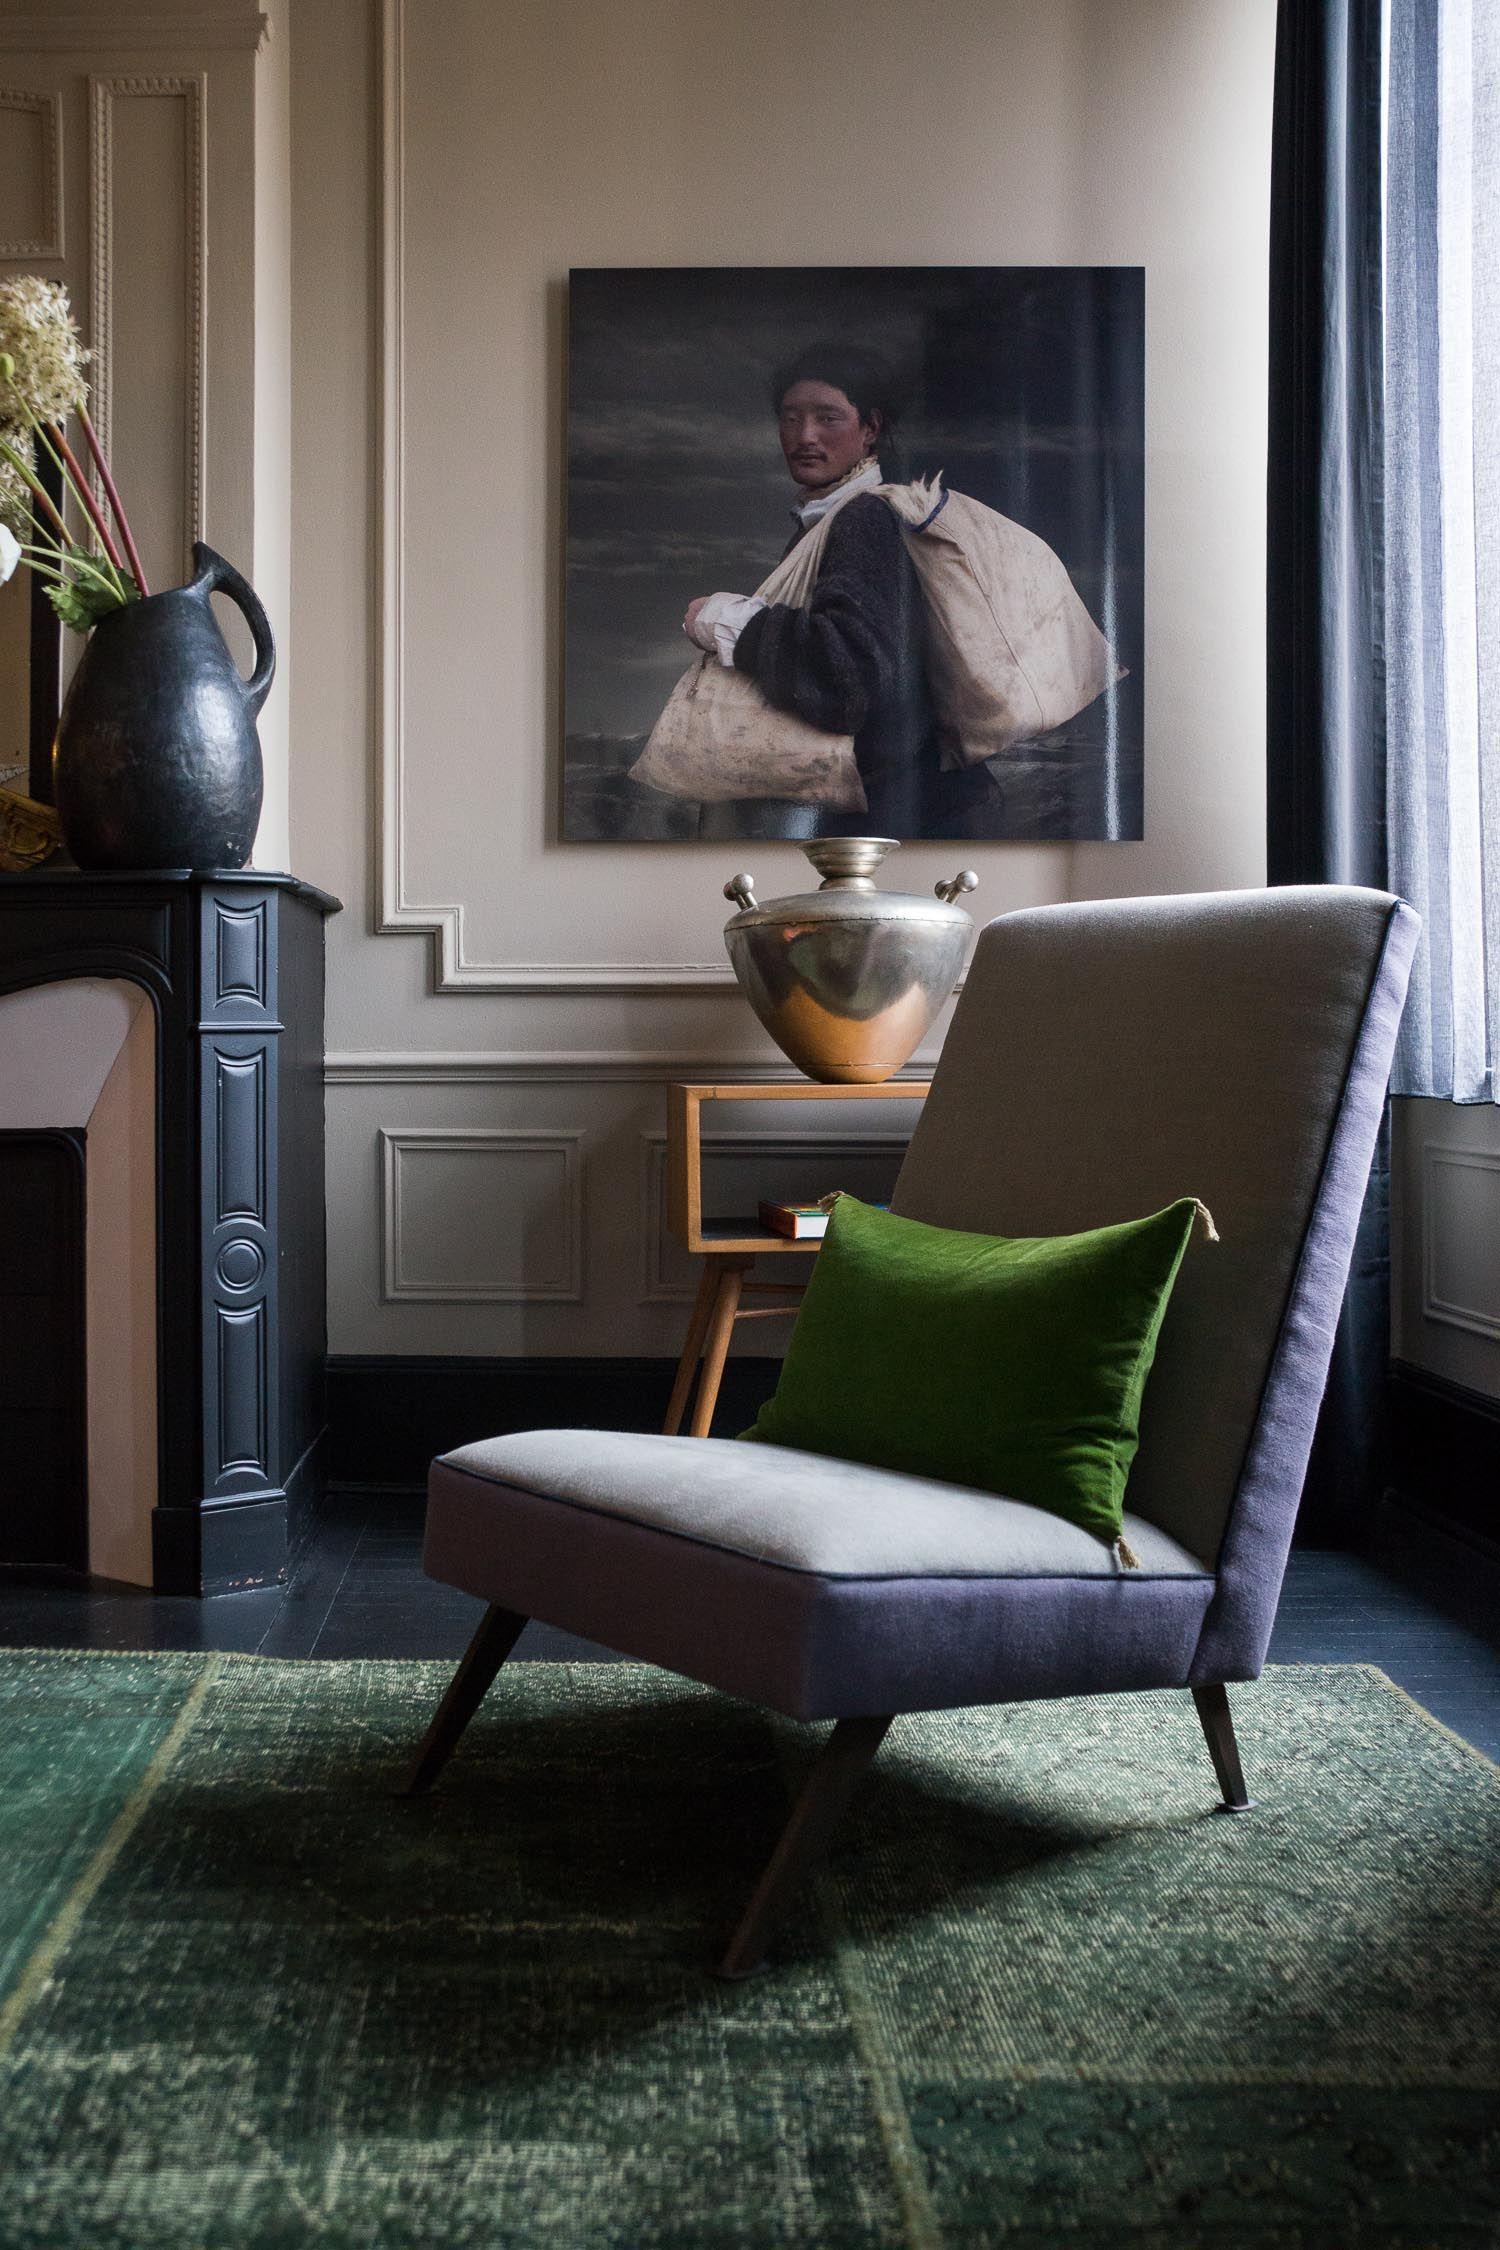 Maison D Hote Villa 1901 Nancy Maison D Hotes Deco Chambre Cocooning Idees Pour La Maison